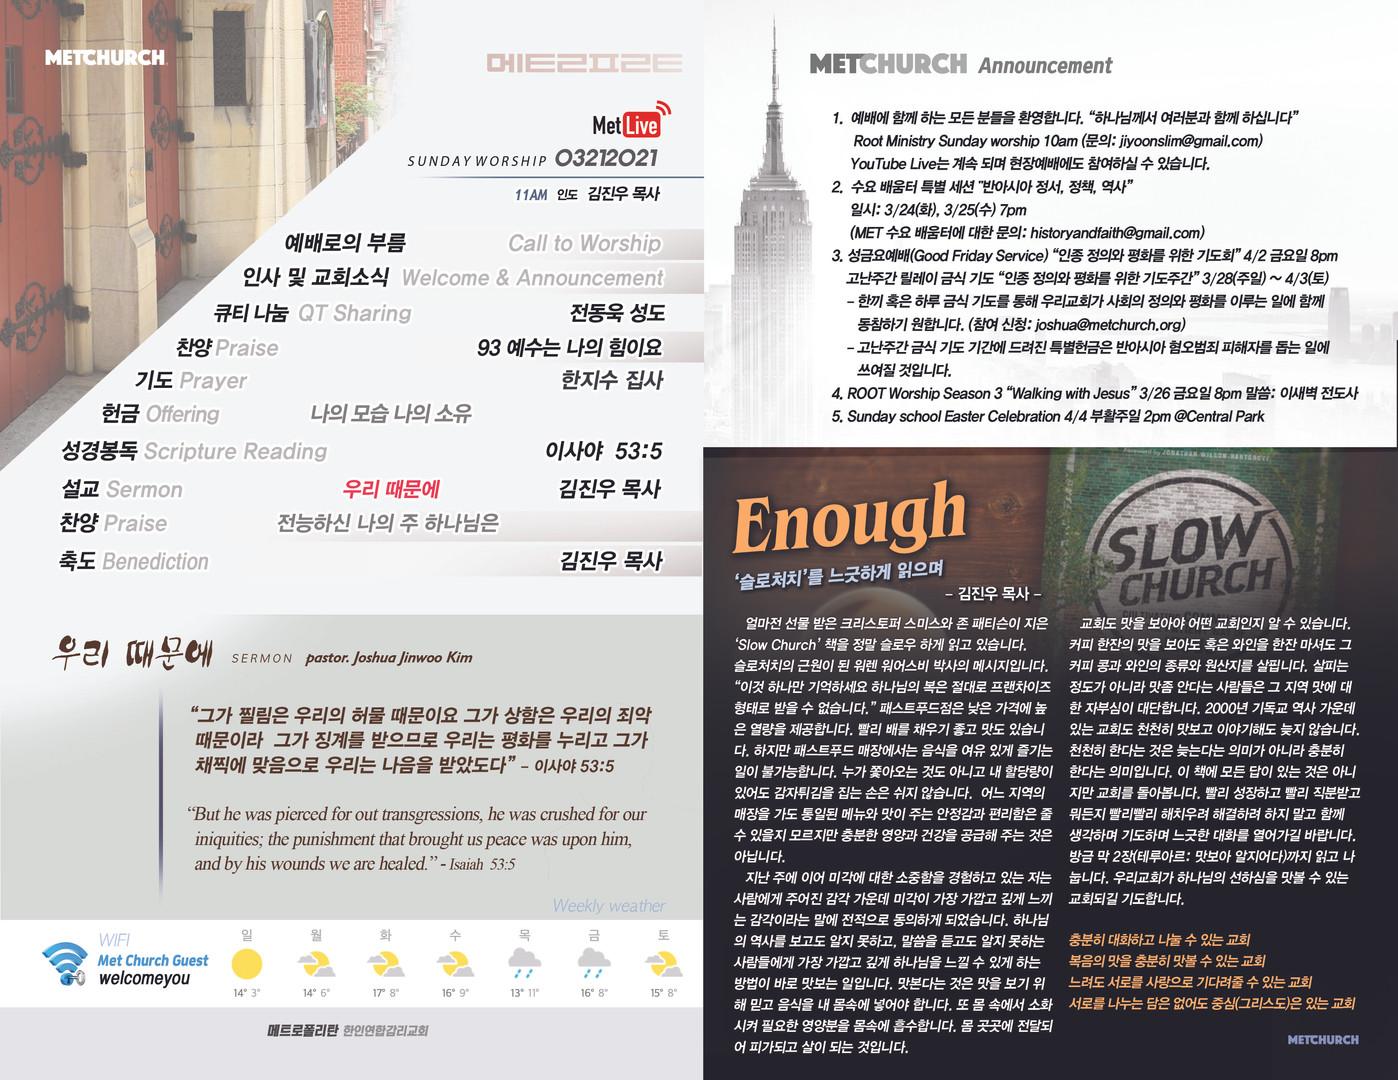 MetChurch_paper_Back_03212021psd.jpg